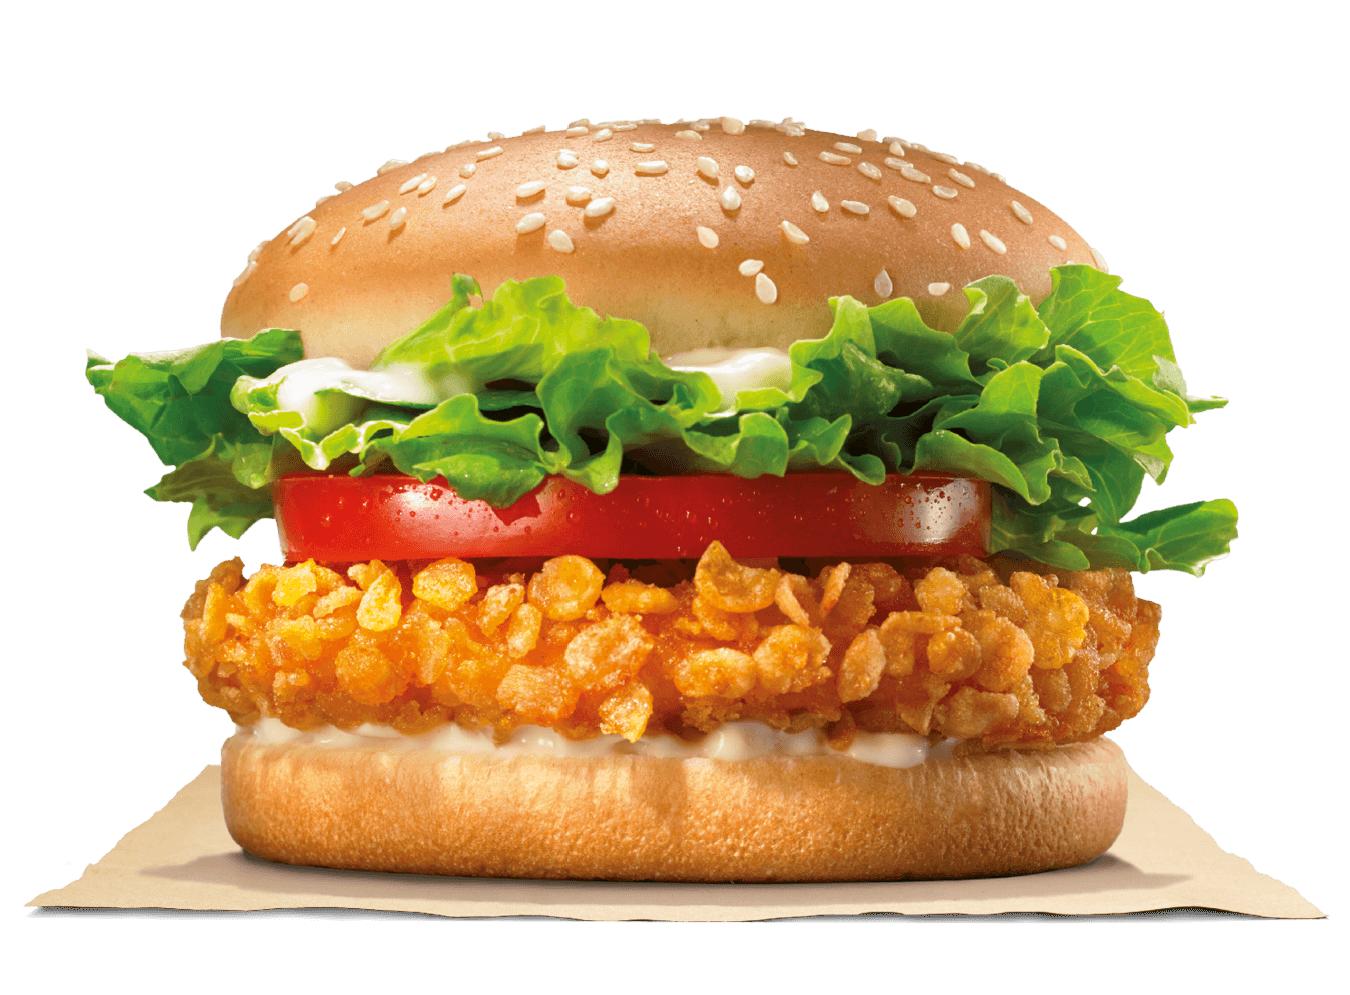 Crispy Chicken gratis en pedidos a domicilio en Burger King en casa (válido en la Comunidad Valenciana)